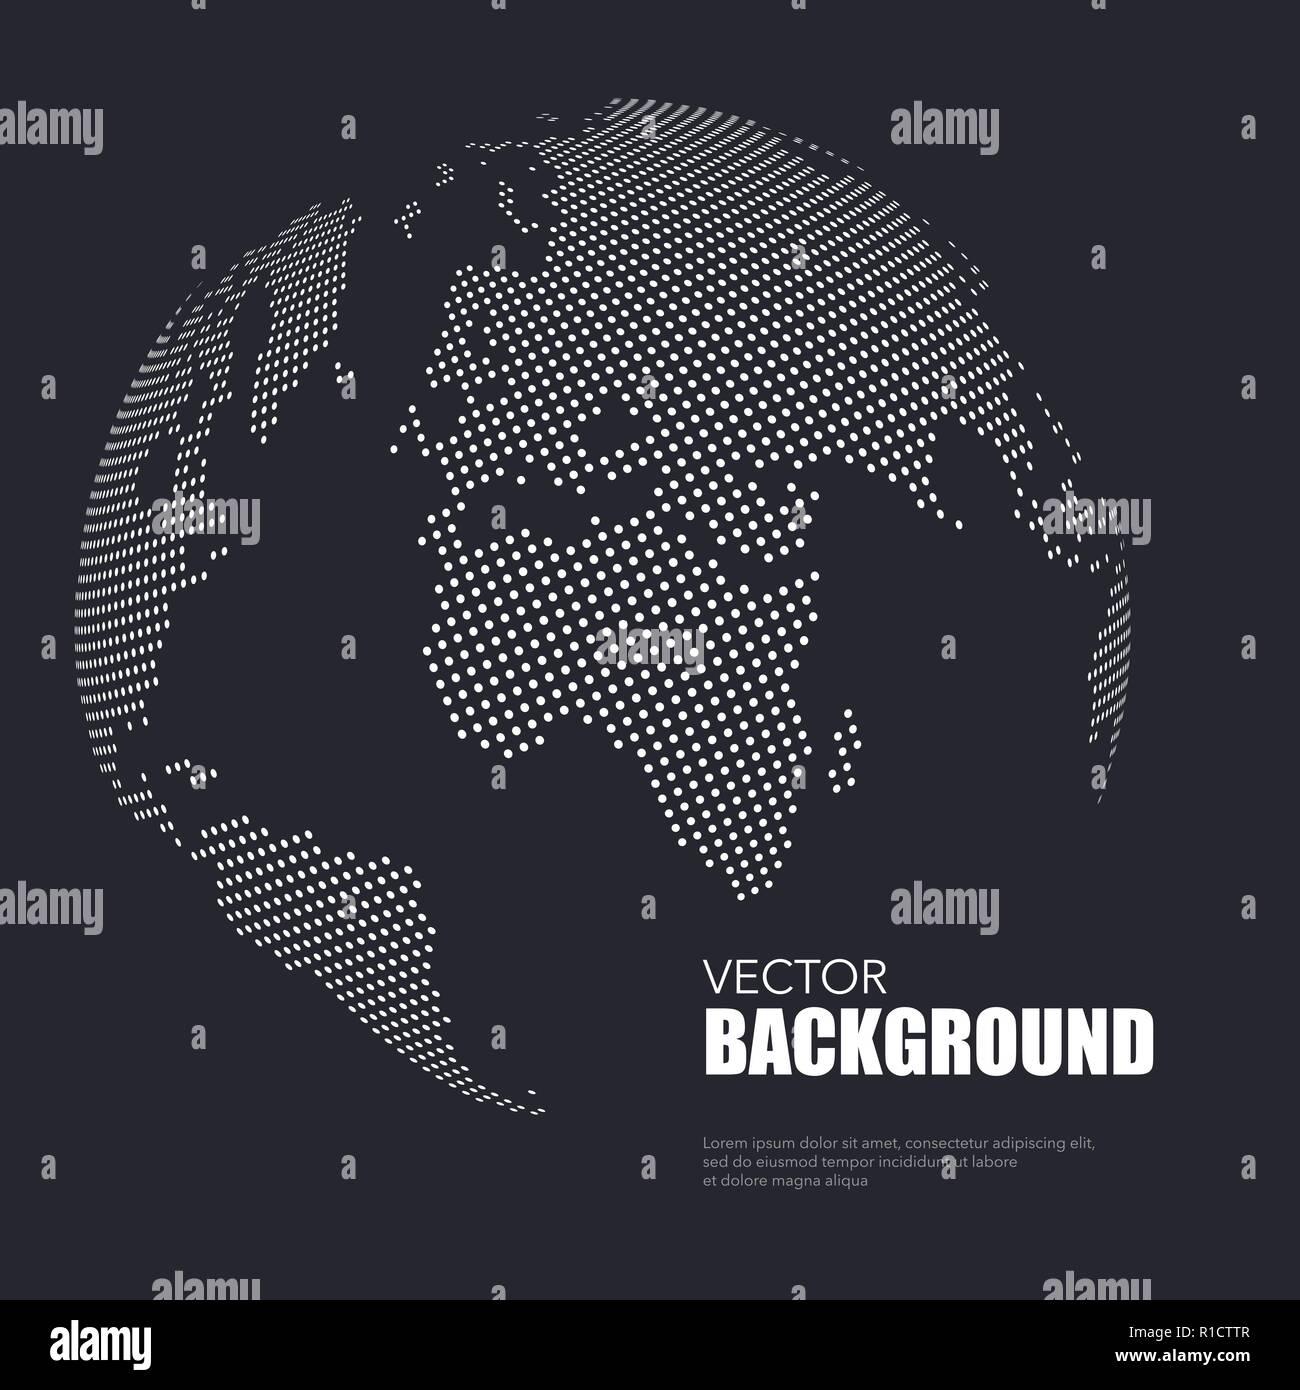 Sfondo Scuro Con Il Bianco Punteggiato Mappa Del Mondo Con Un Testo